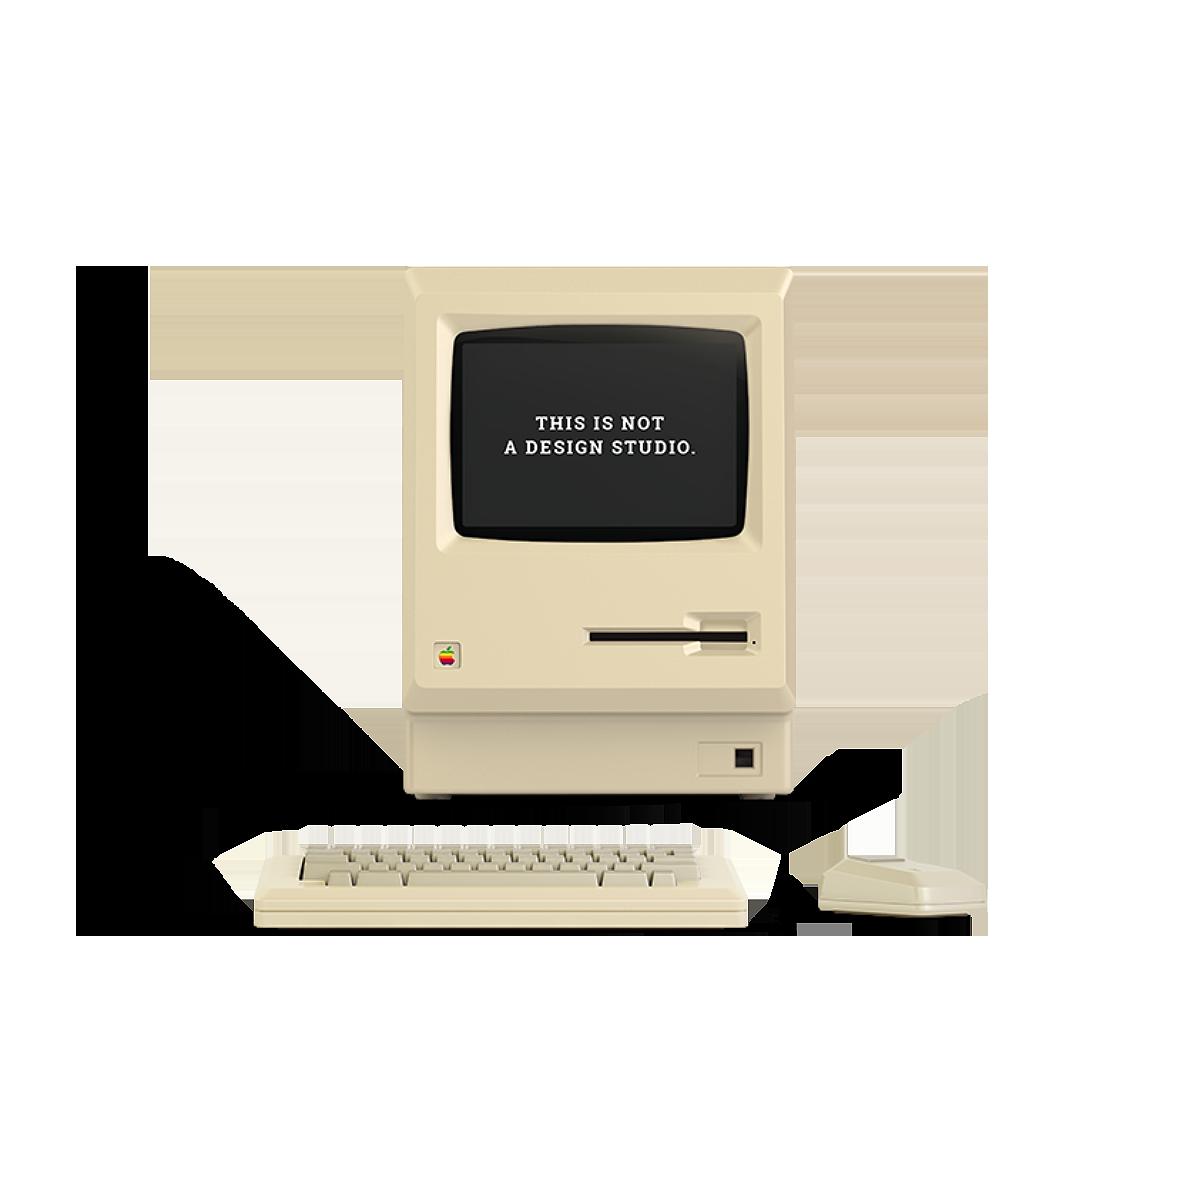 Macintosh is not a studio